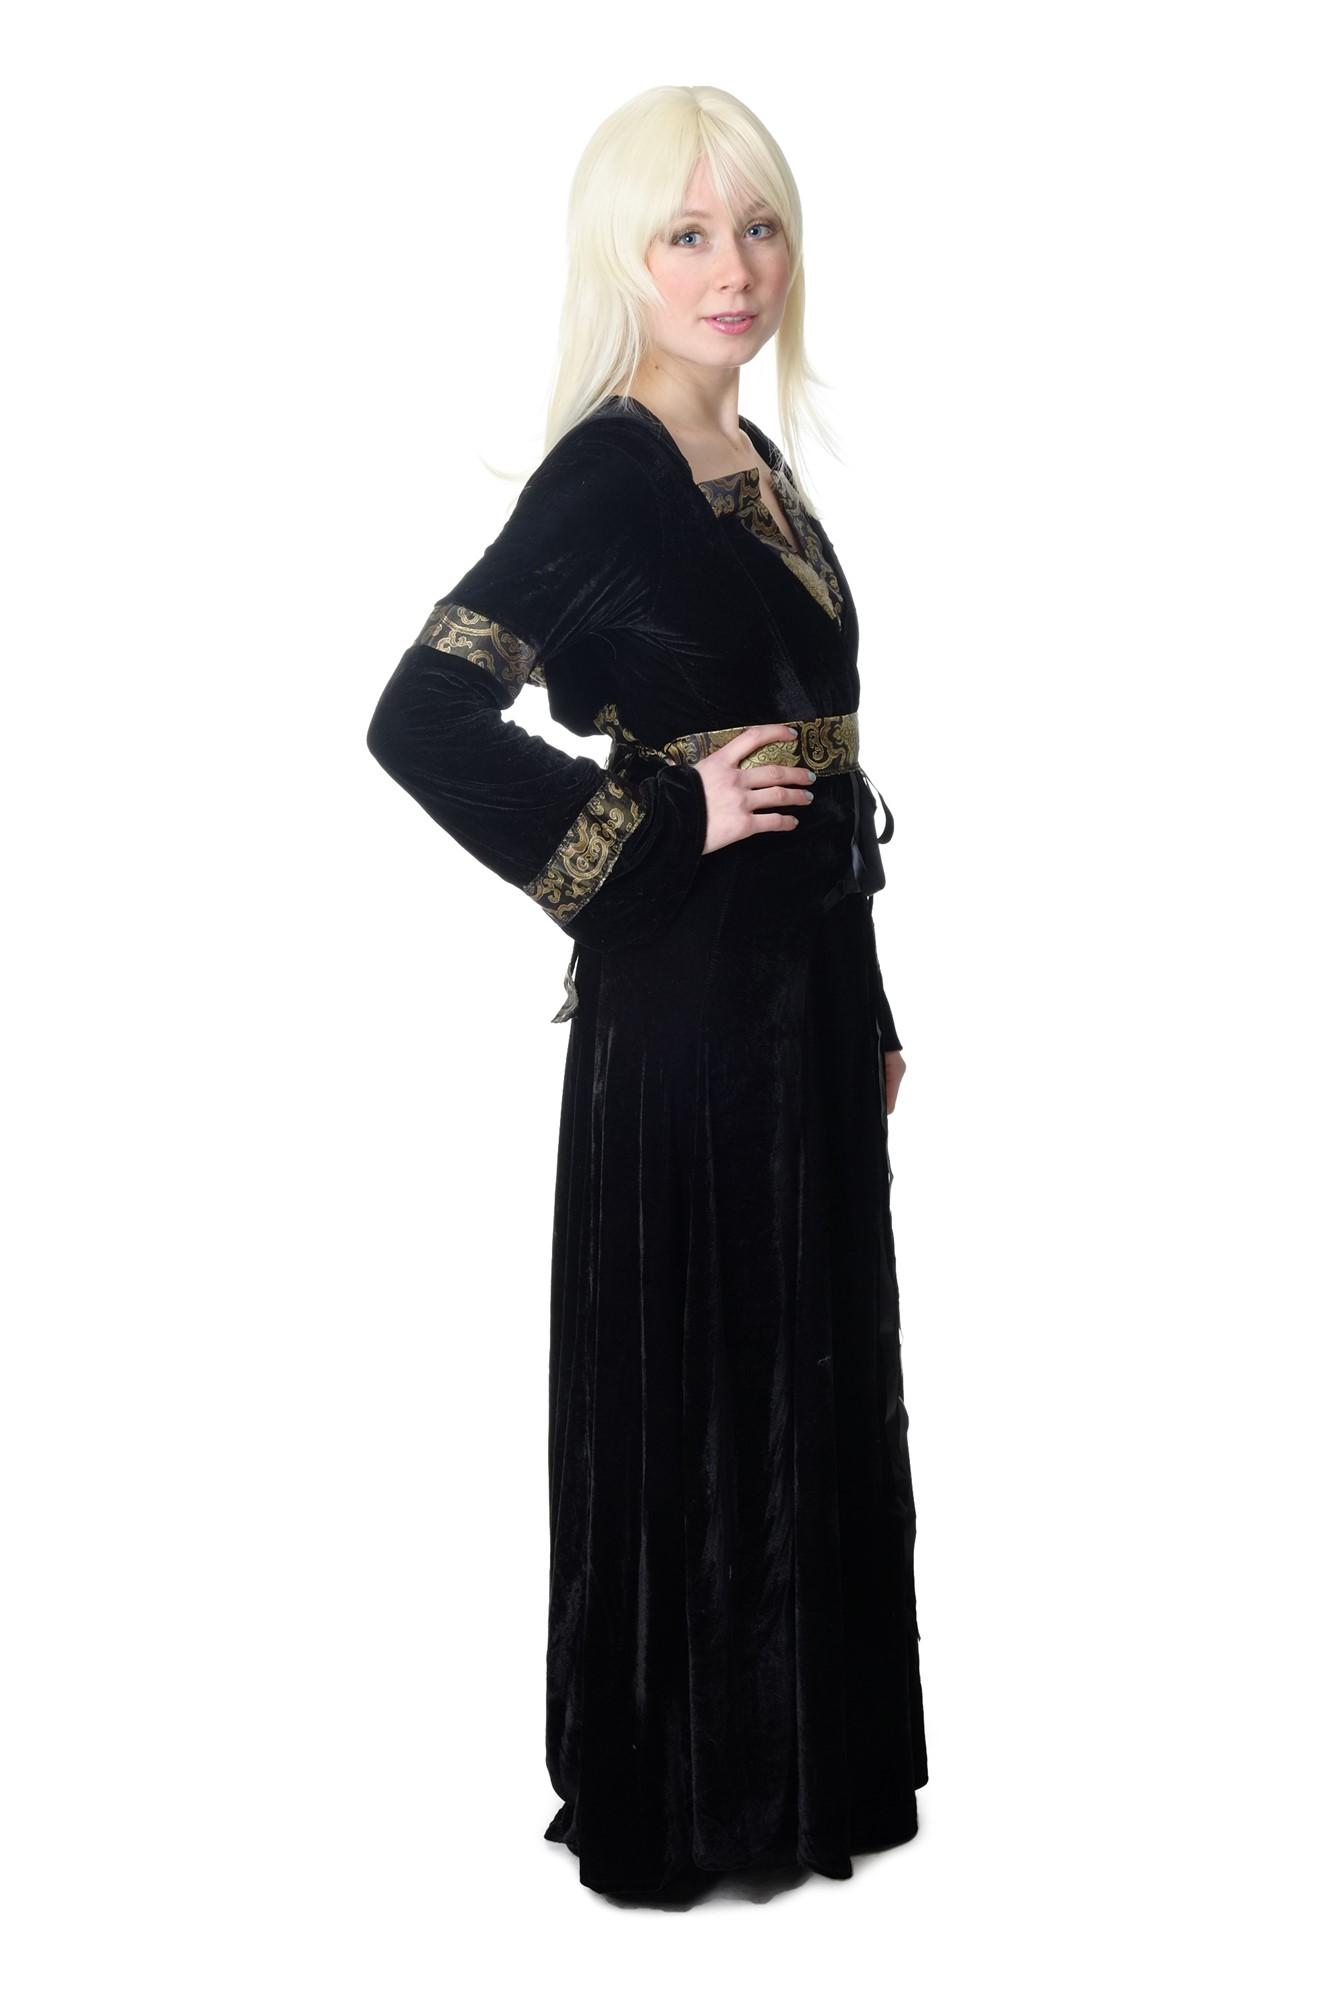 Edles aufwändiges Damen Kostüm schwarz lang Kleid Elfe ...